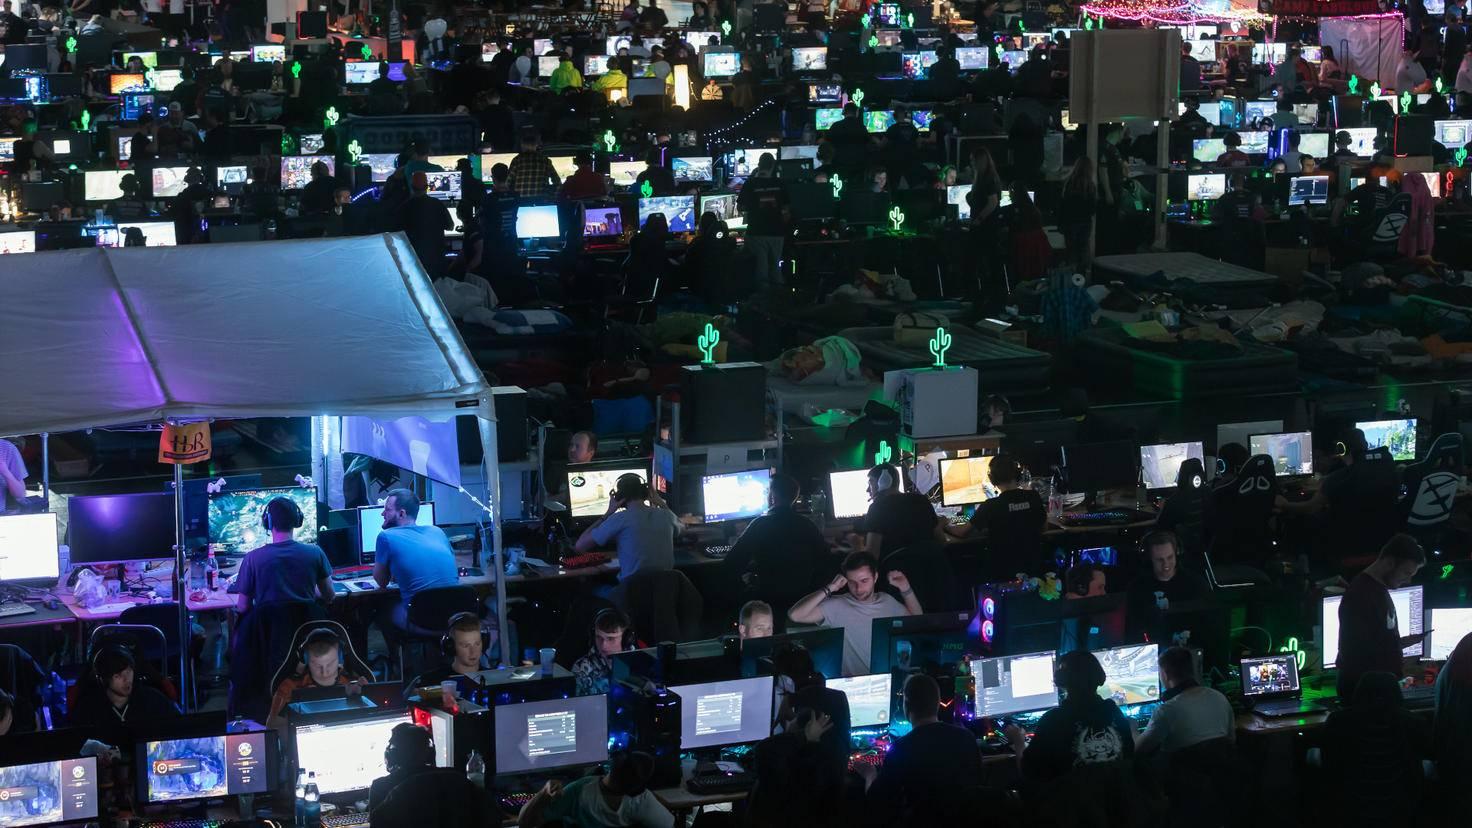 Ein Bildschirmmeer aus leuchtenden Monitoren: das unverkennbare Markenzeichen der Dreamhacks in aller Welt.